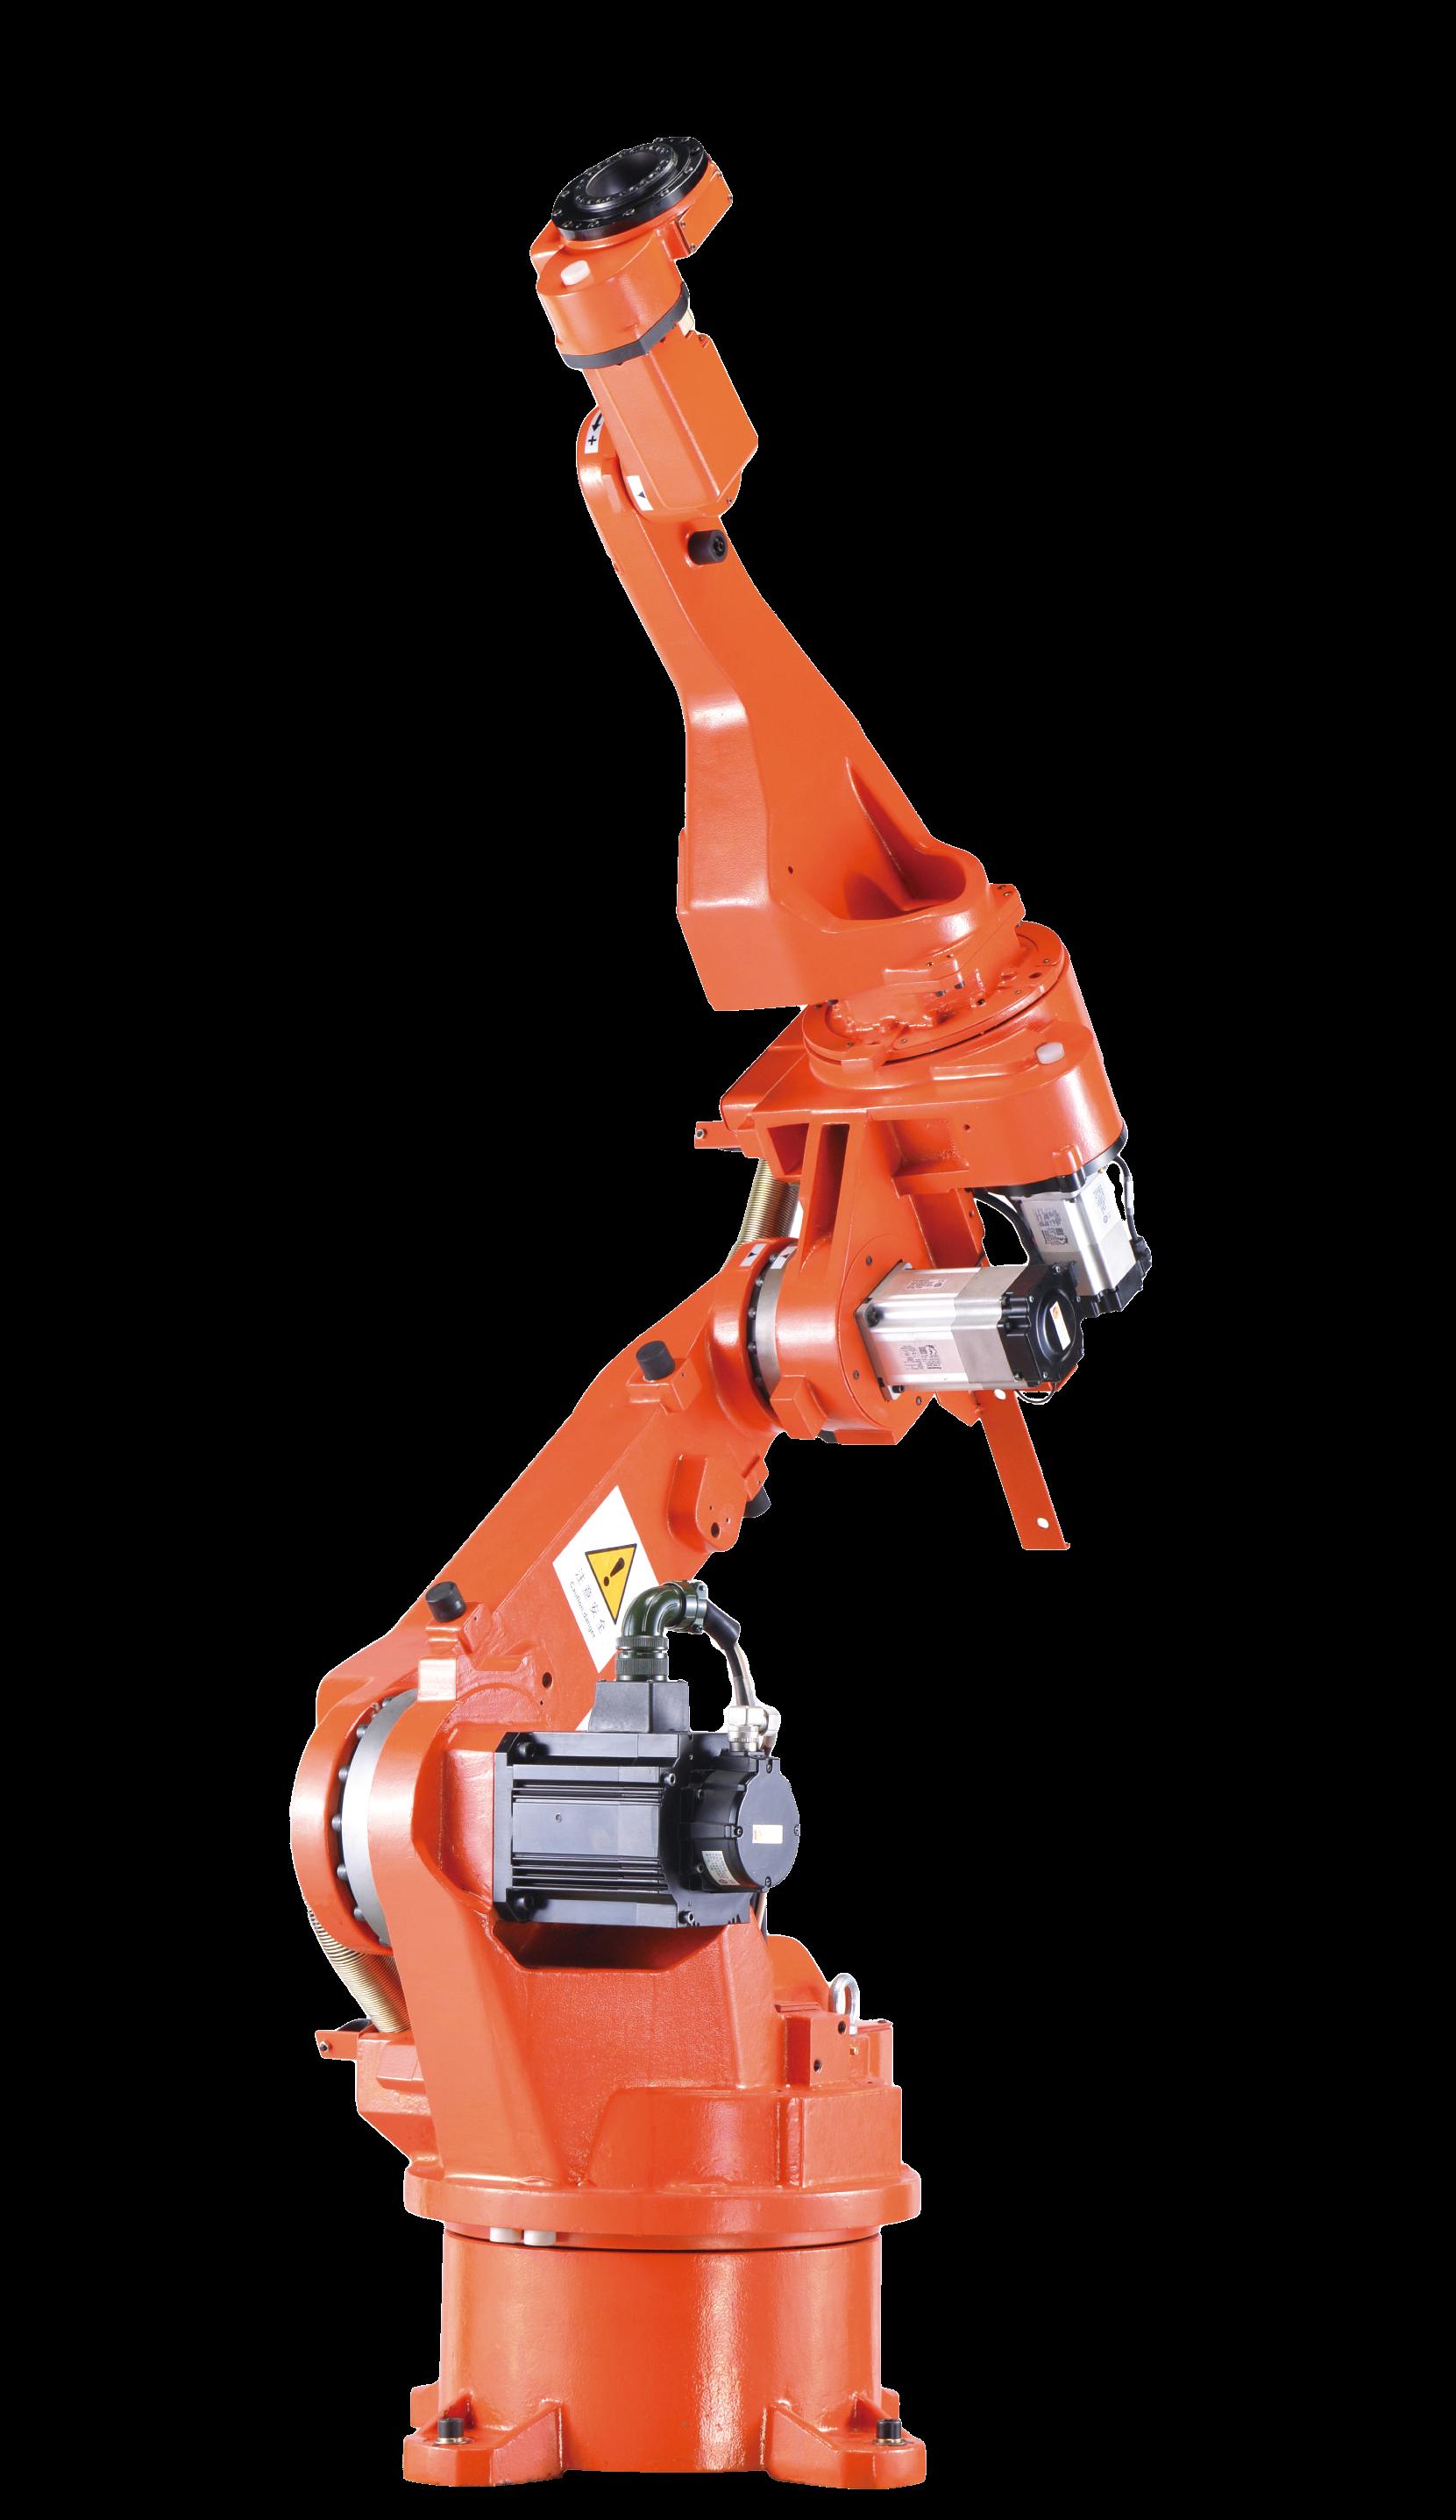 山东焊接机器人厂家价格@山东焊接机器人厂家@山东焊接机器人供应